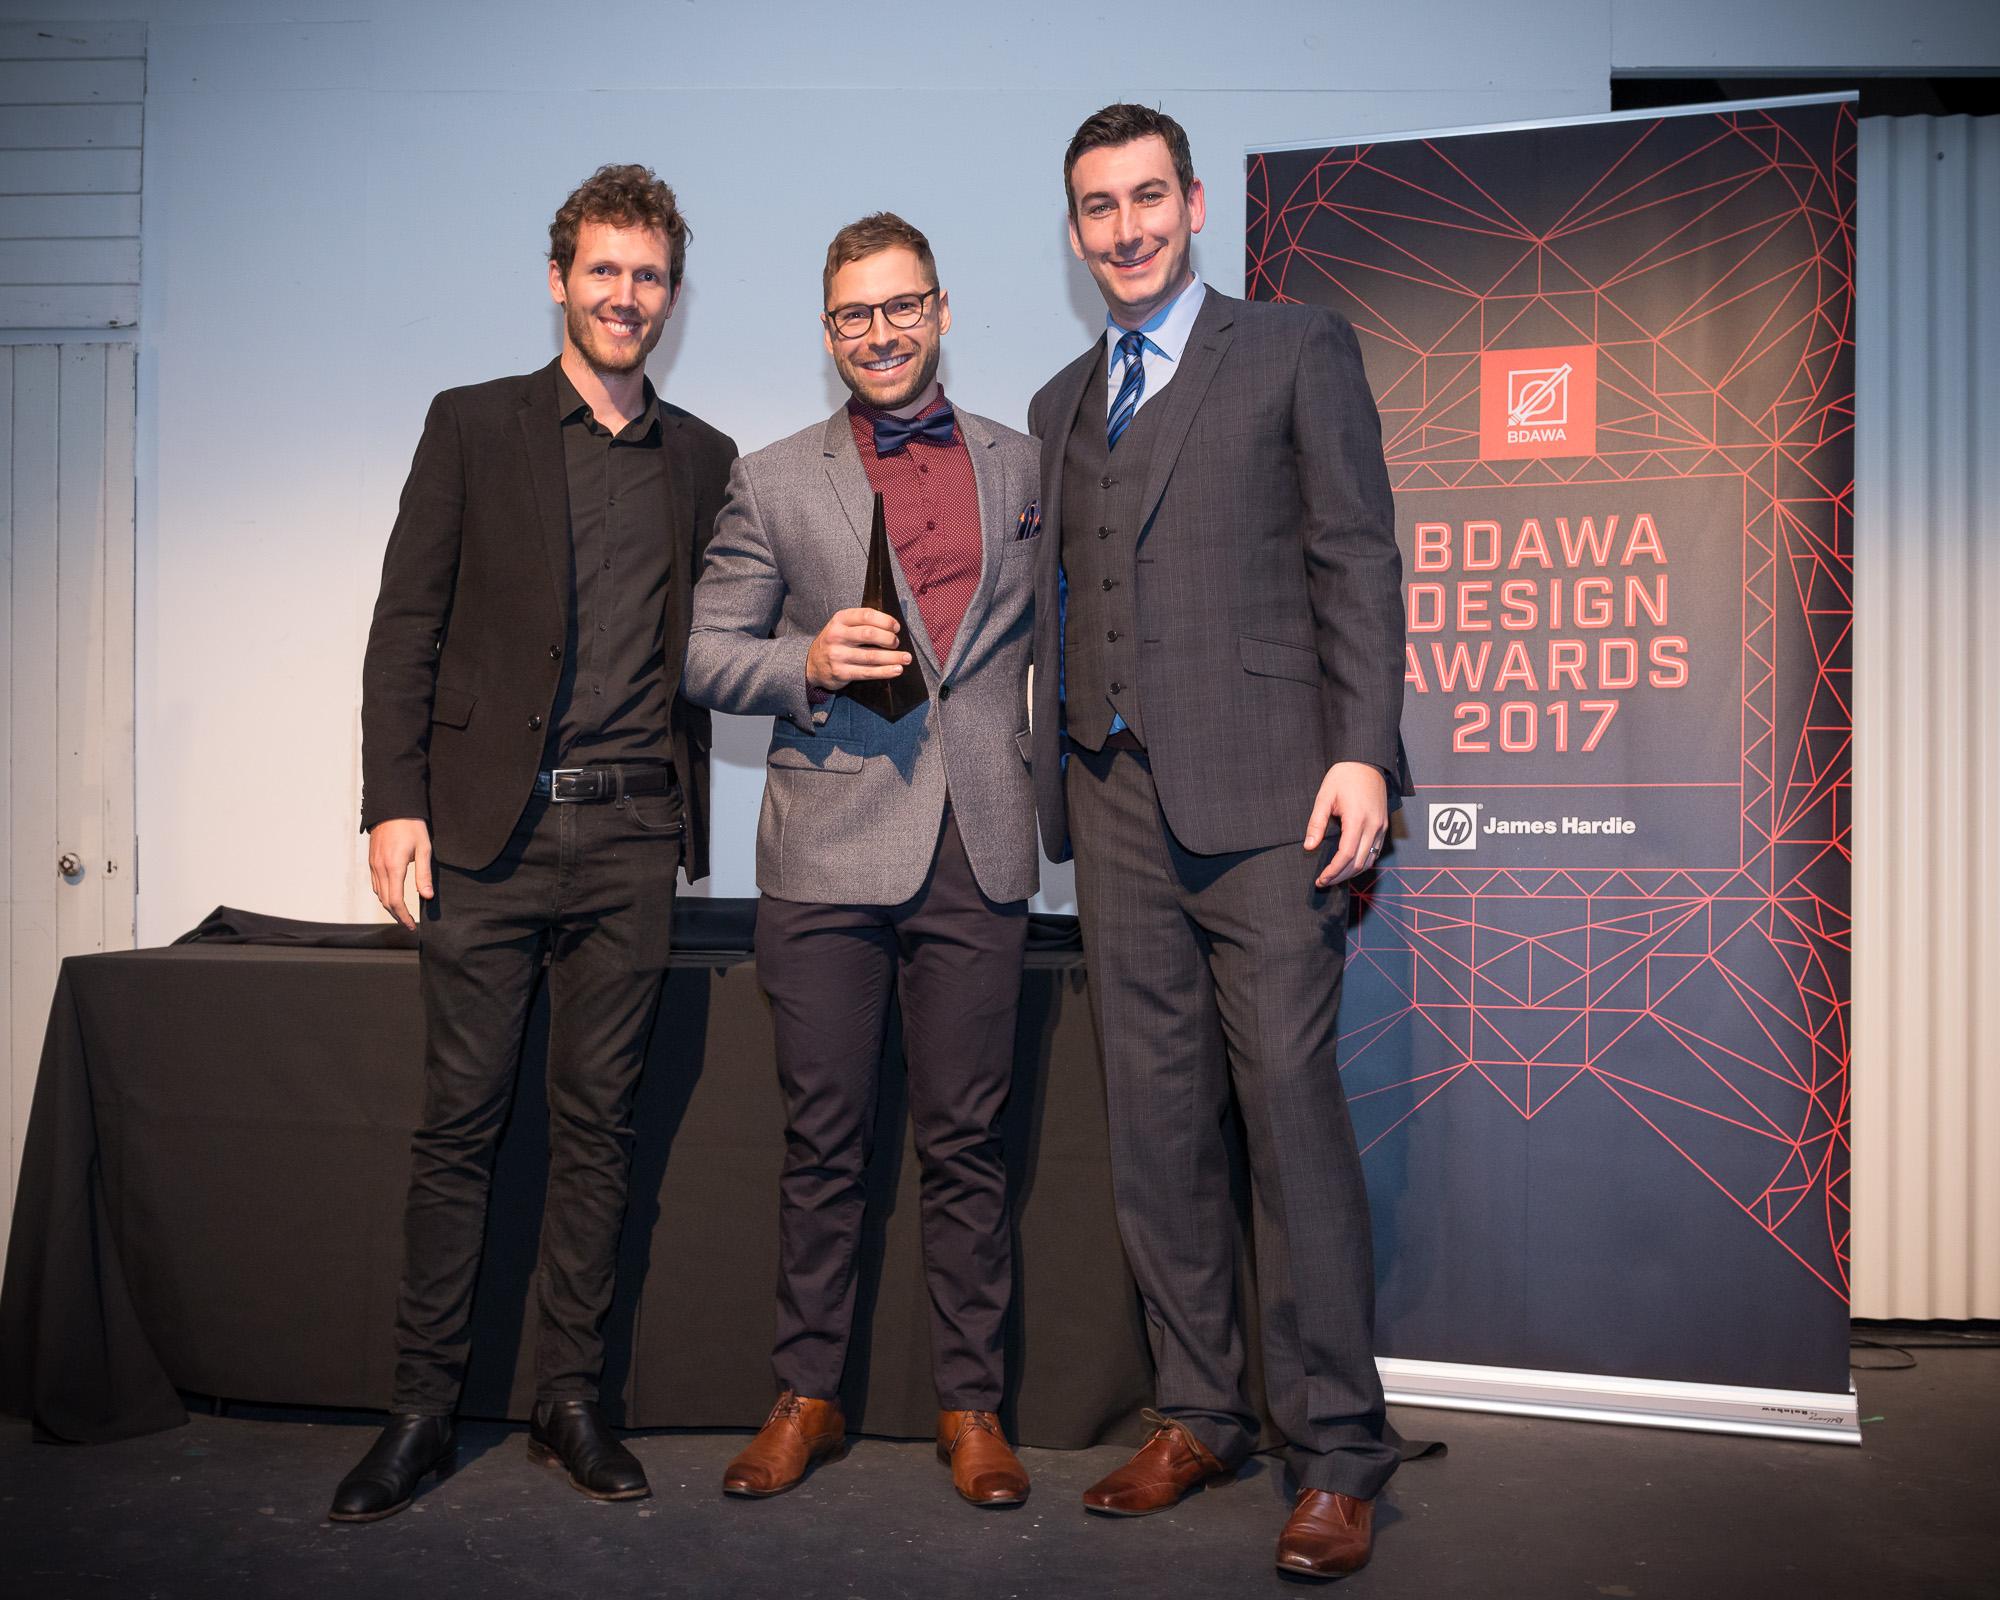 0215 BDA WA Awards 2017 _JHG7540.jpg